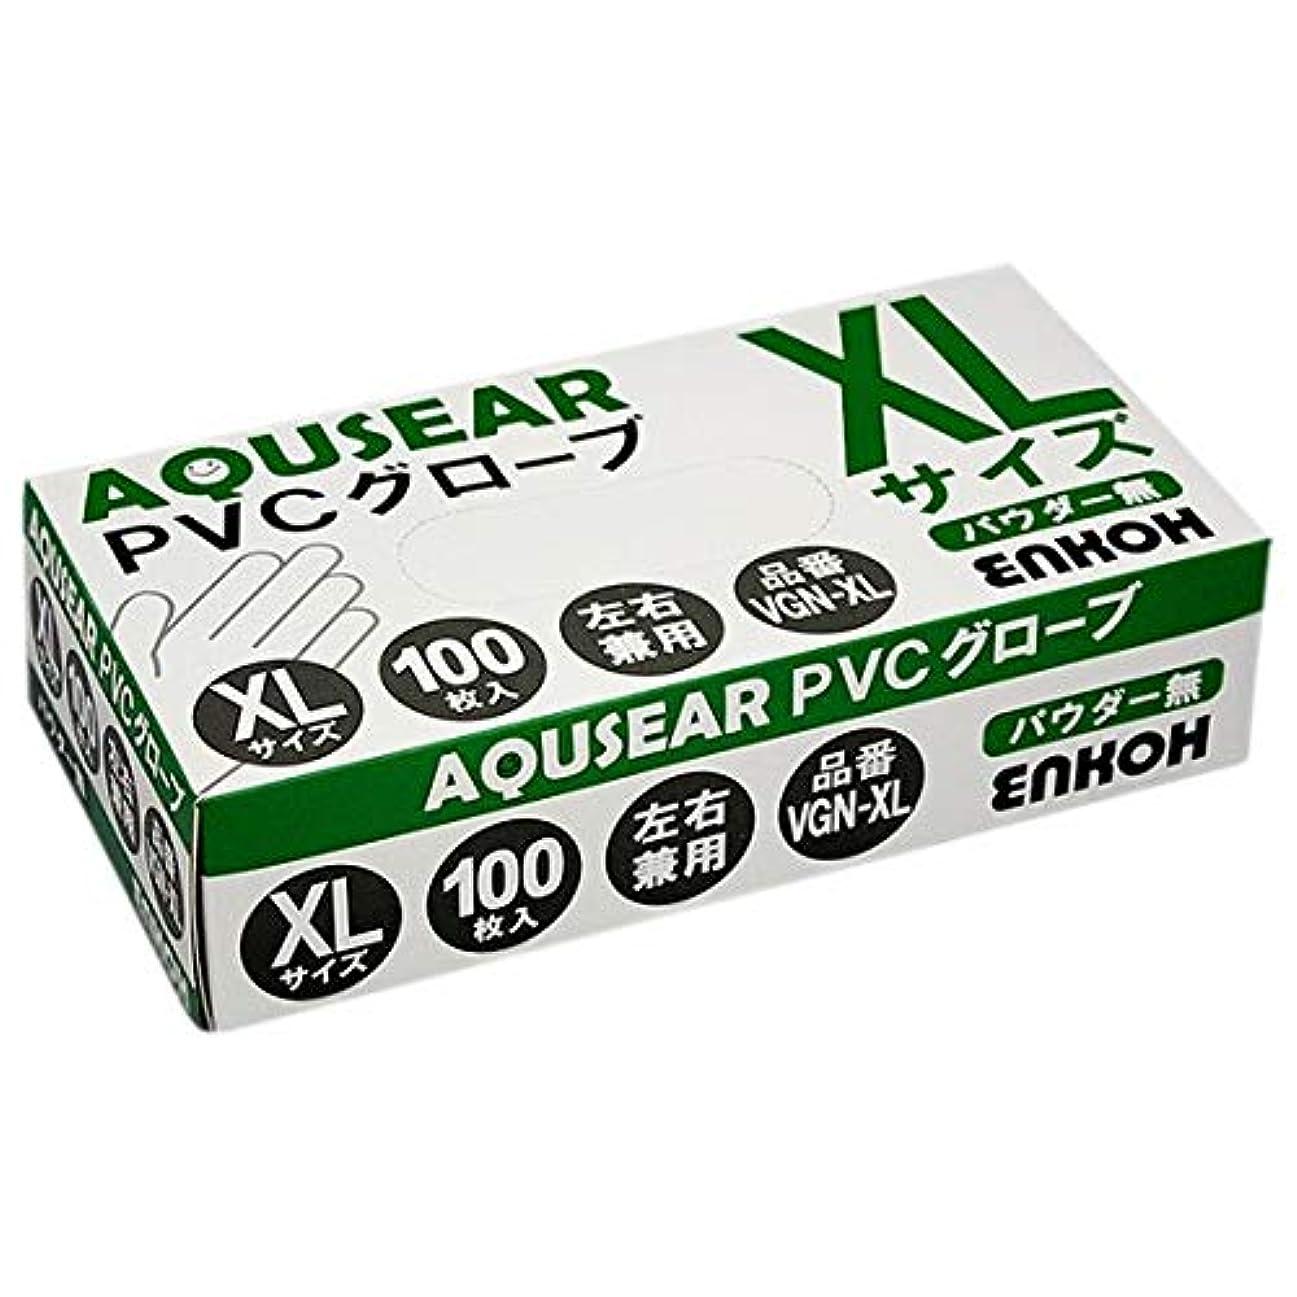 機会生き物金銭的AQUSEAR PVC プラスチックグローブ XLサイズ パウダー無 VGN-XL 100枚×20箱